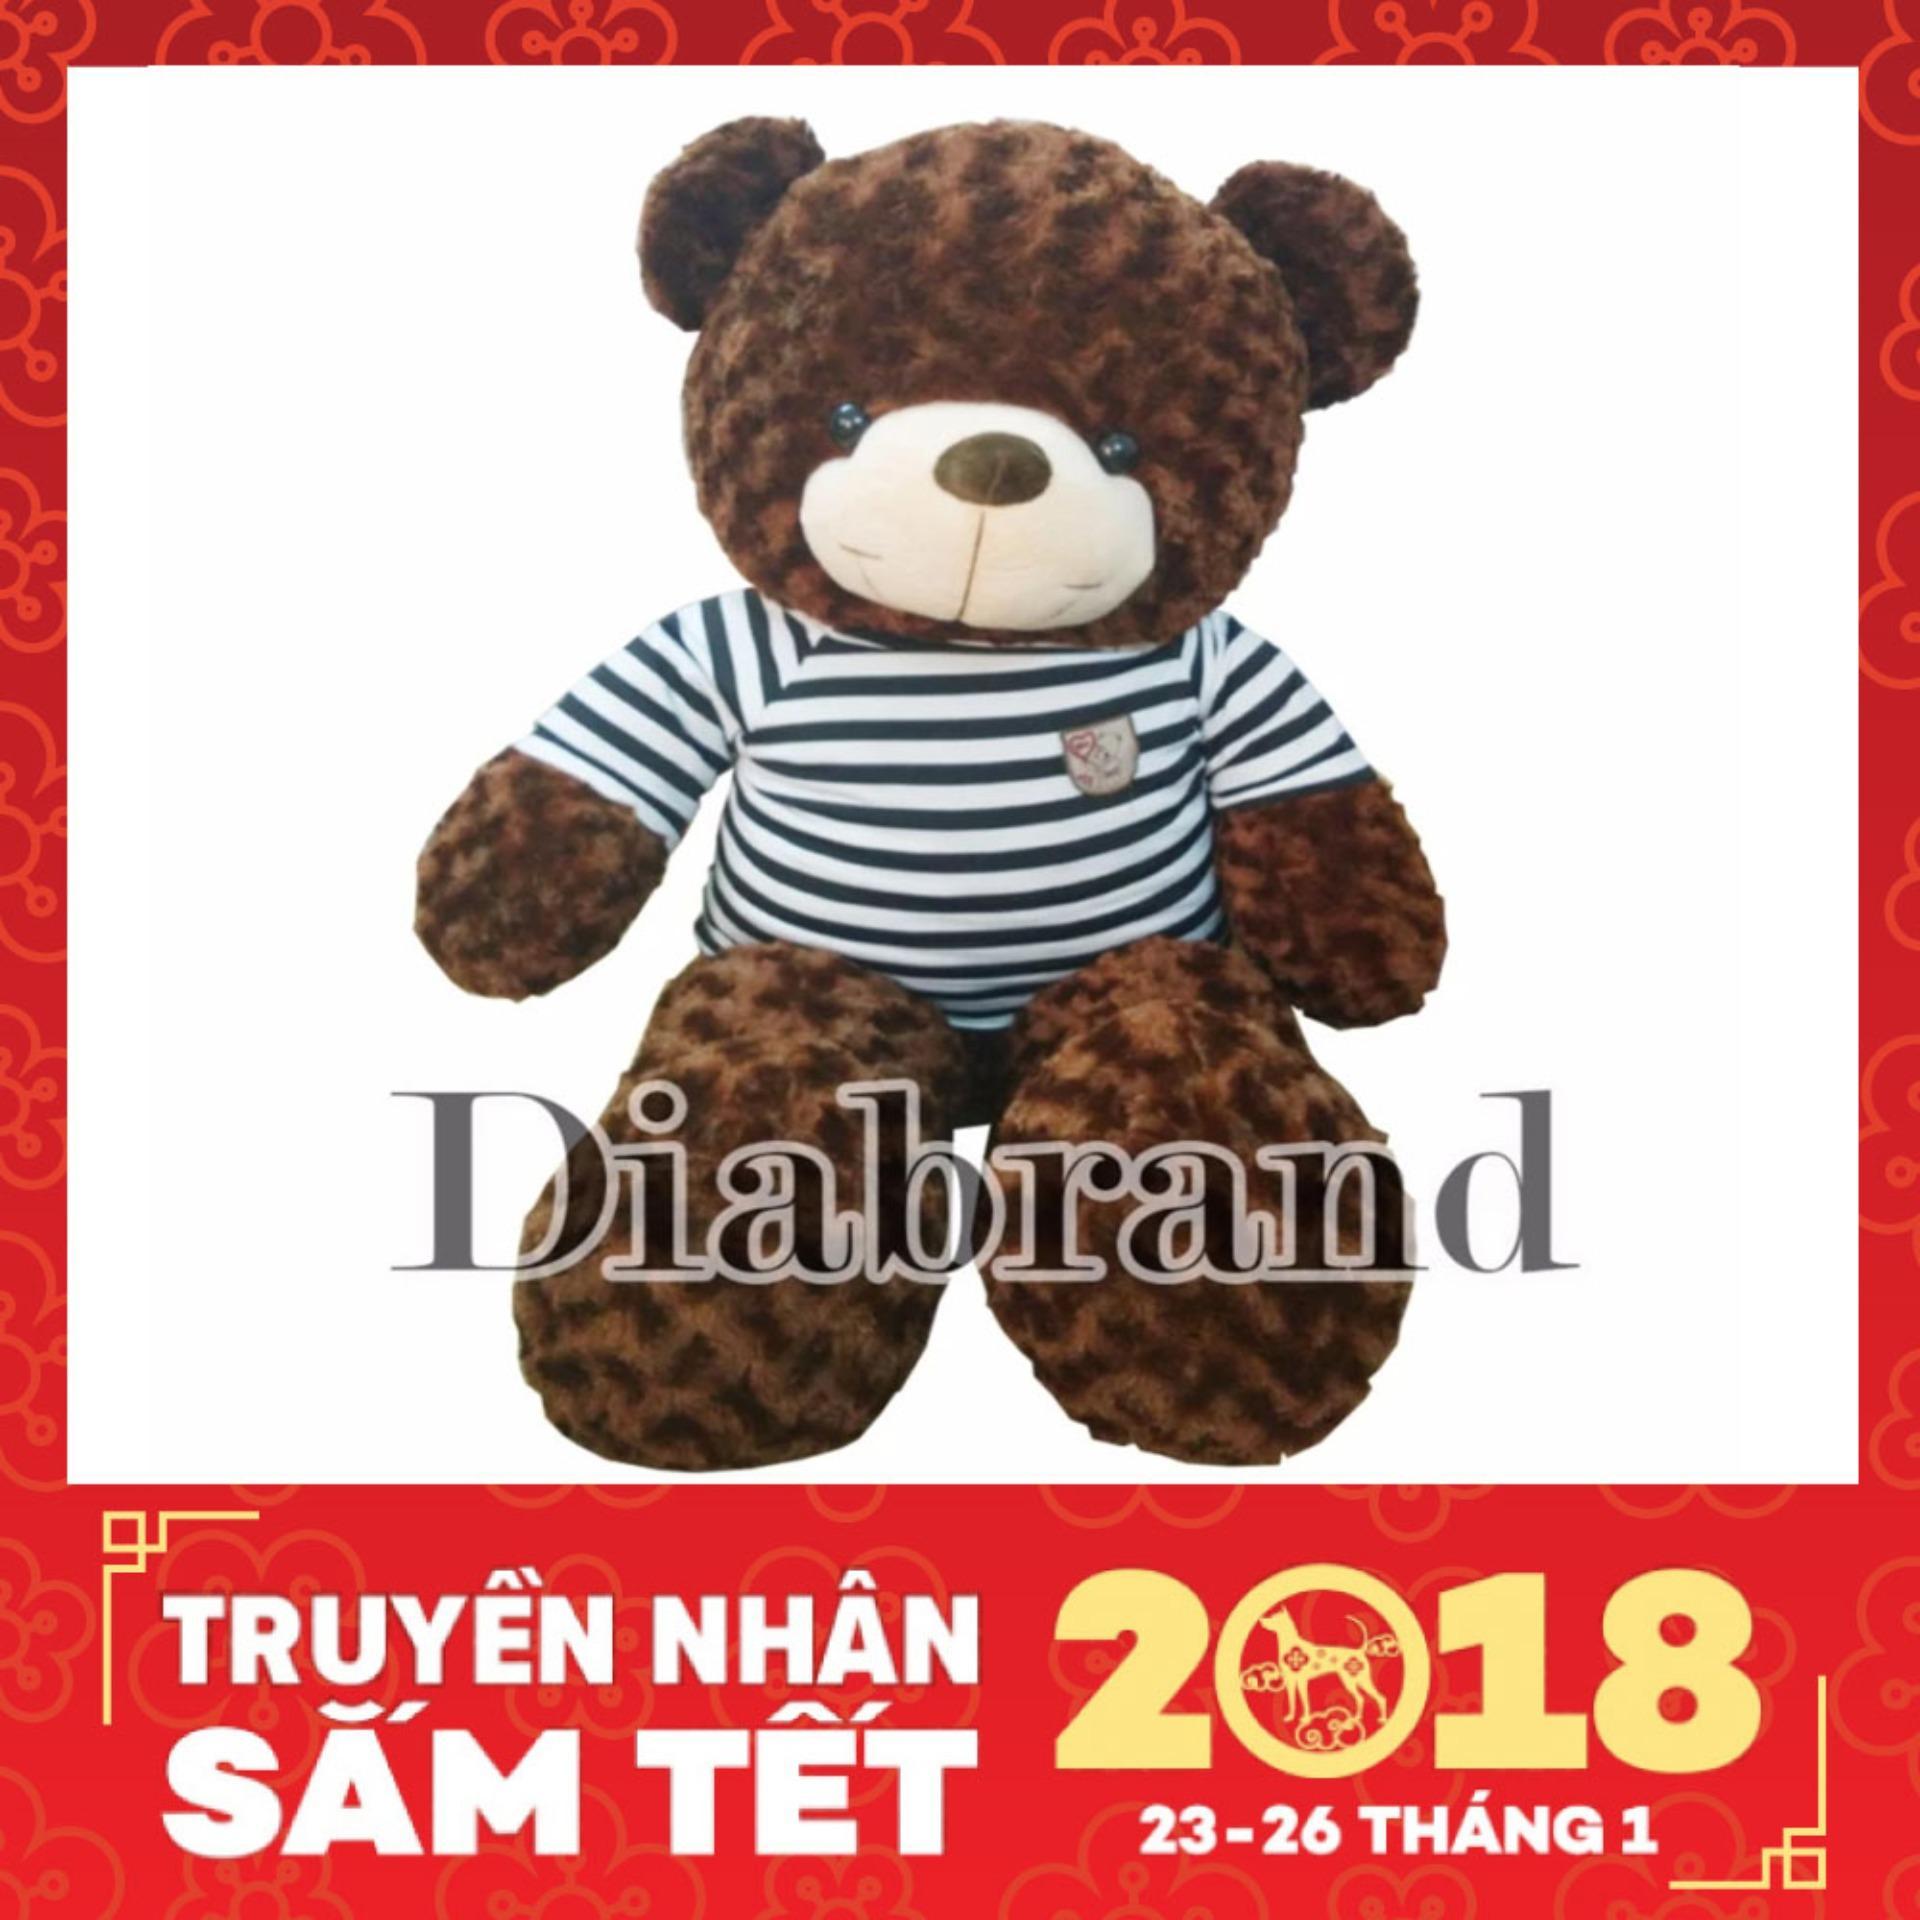 Giá Gấu bông Teddy khổ 1m cao 80cm -TEDDY08 (nhà bán hàng Diabrand)